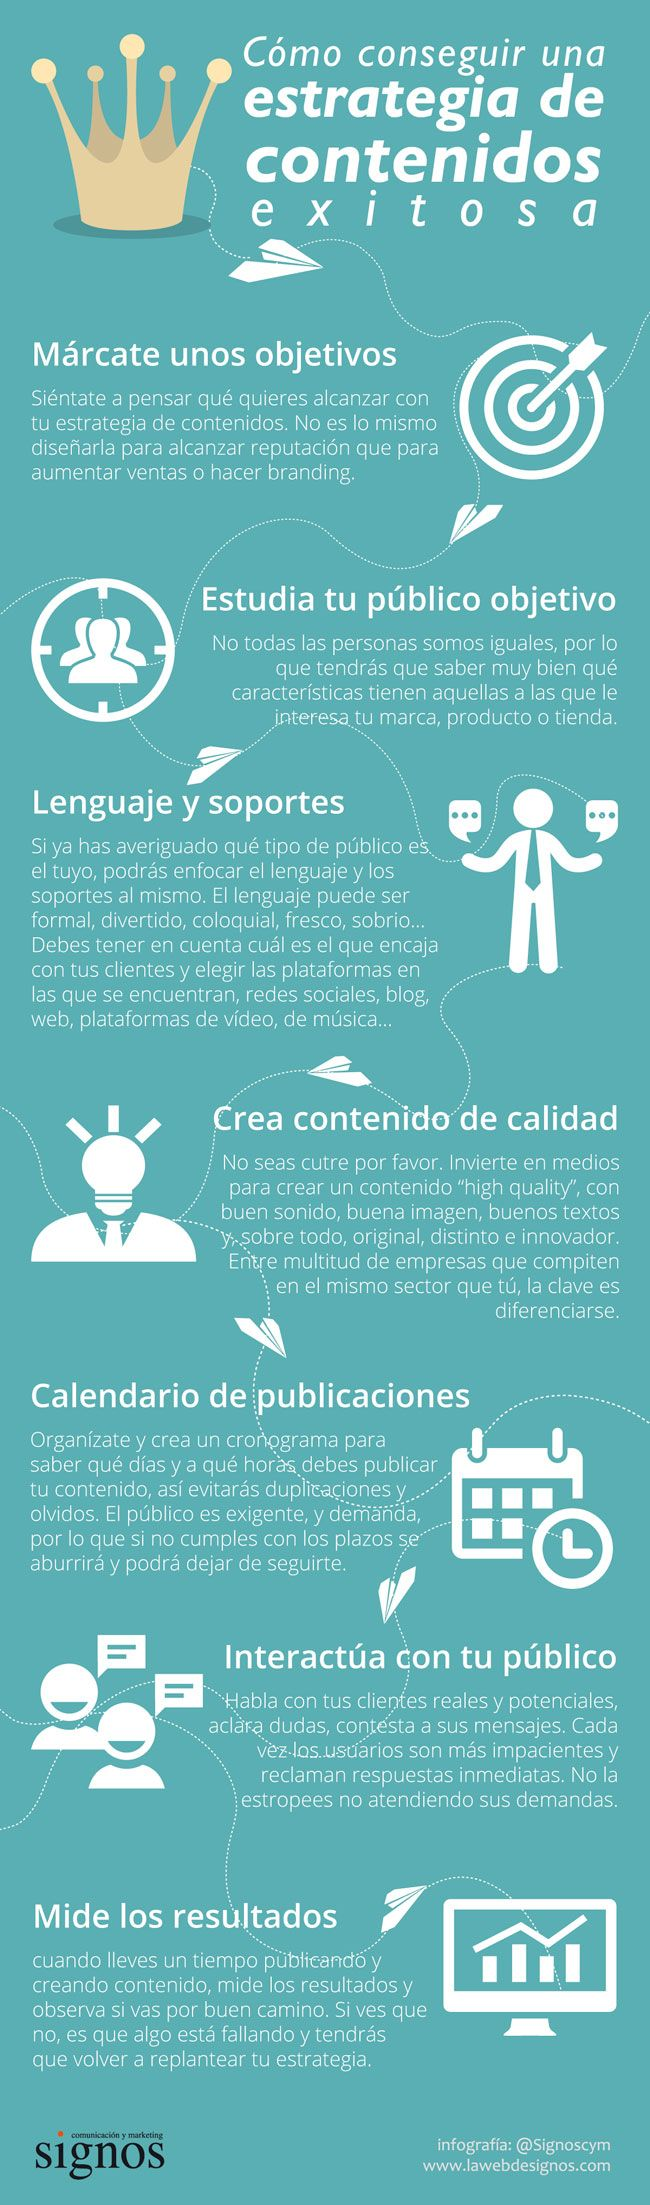 Cómo conseguir una estrategia de marketing de contenidos exitosa. Infografía en español. #CommunityManager